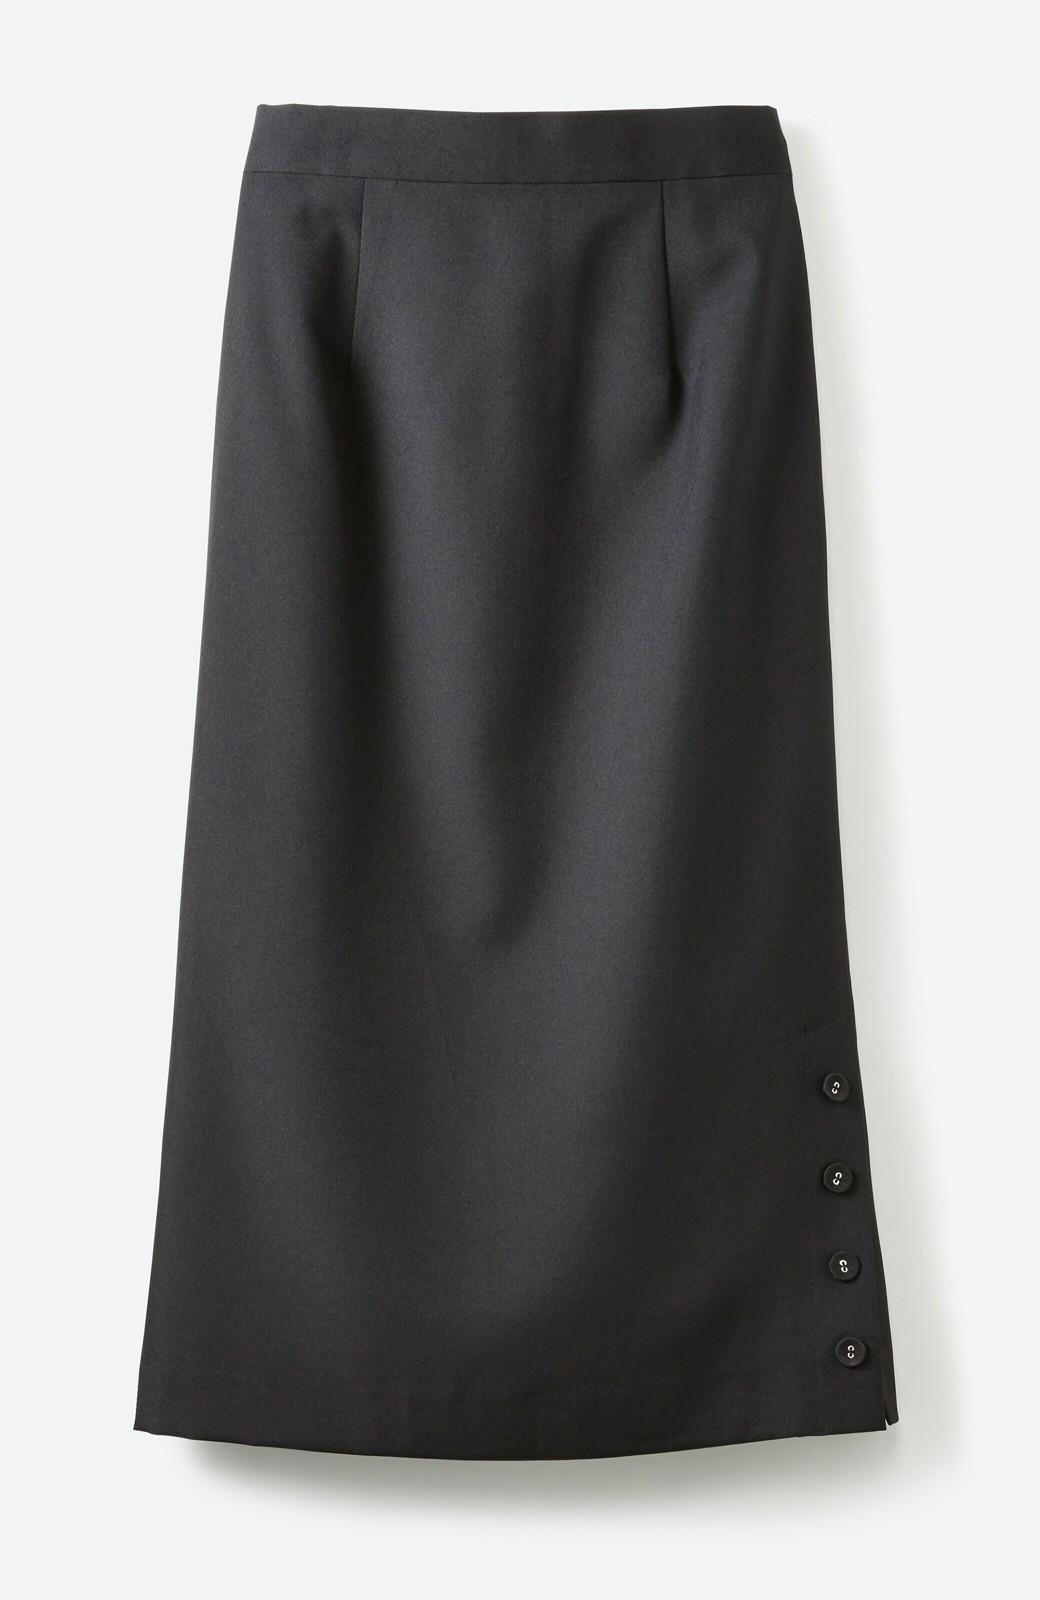 haco! 持っていると便利な 野暮ったくならないタイトスカート <ブラック>の商品写真1